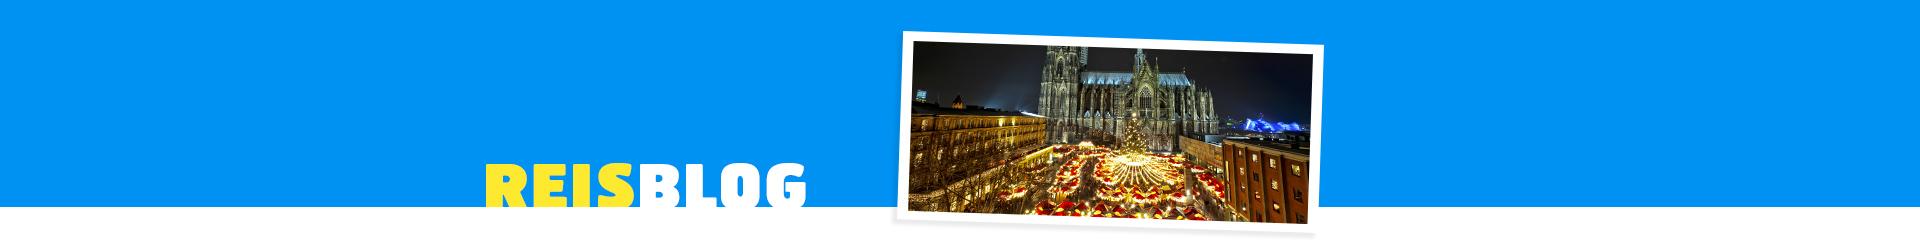 Straat versierd in kerstsferen, met veel lichtjes en een mooie kerk op de achtergrond.